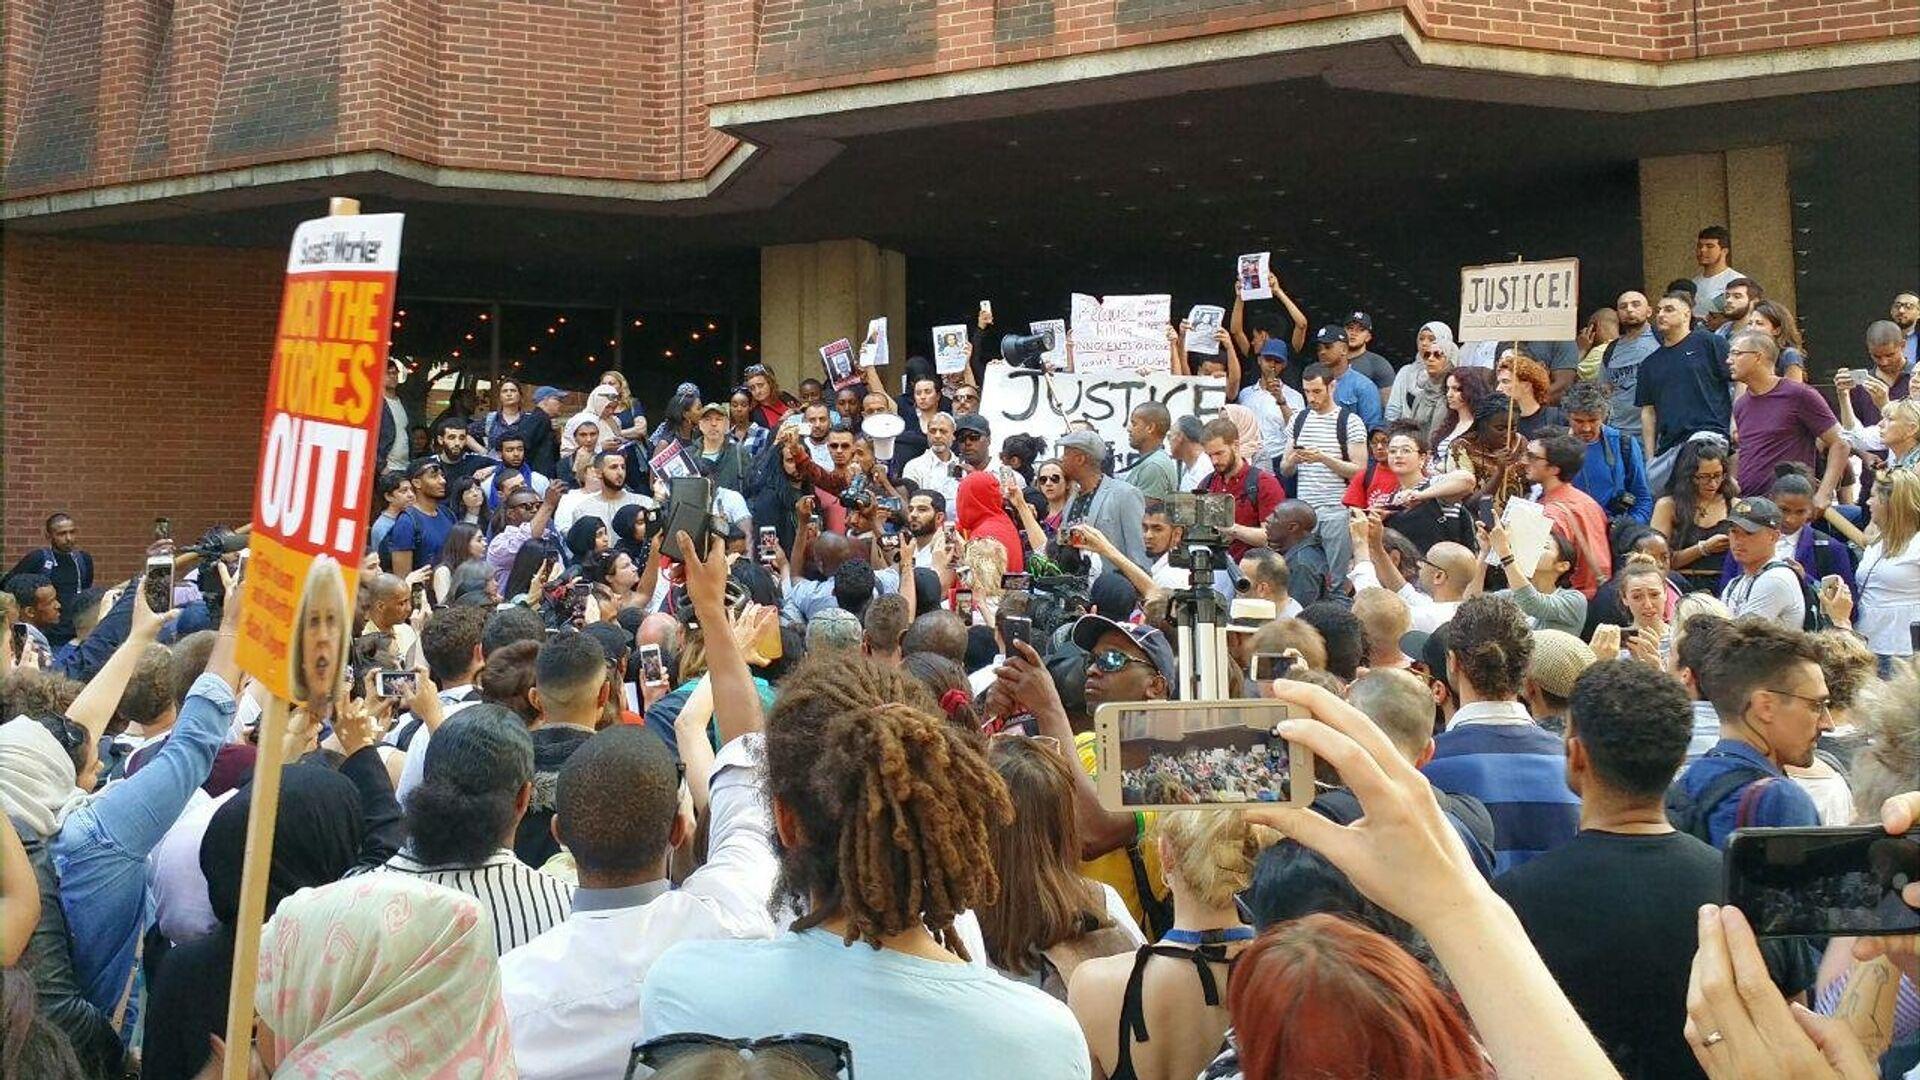 Акция протеста против здания управы лондонского района Кенсингтон и Челси. 16 июня 2017 - РИА Новости, 1920, 26.09.2020